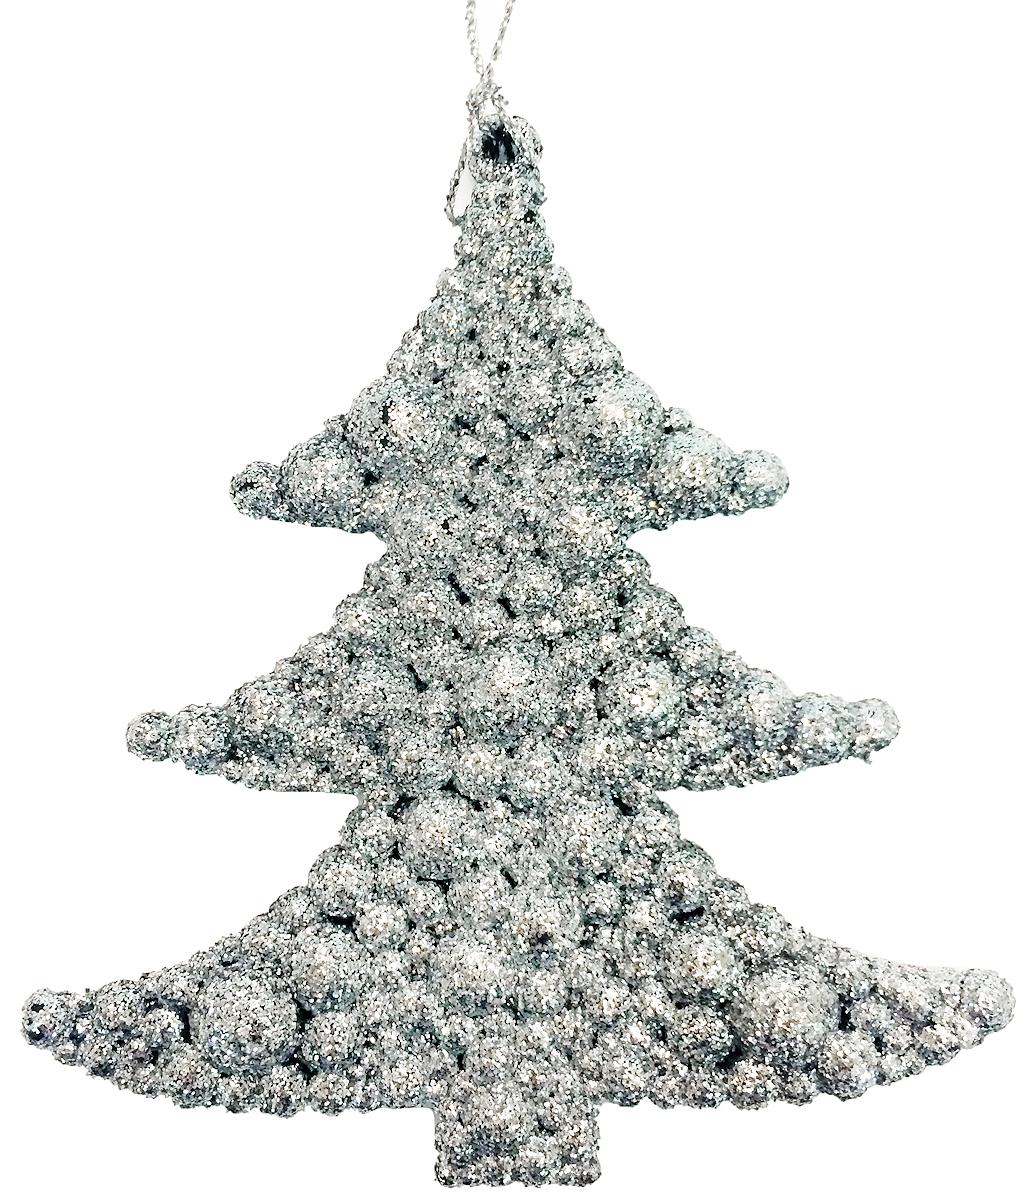 Новогоднее подвесное елочное украшение Magic Time Елочка в серебре, 9х9,5см. 3869638696/75063Материал: пластик, глиттер.